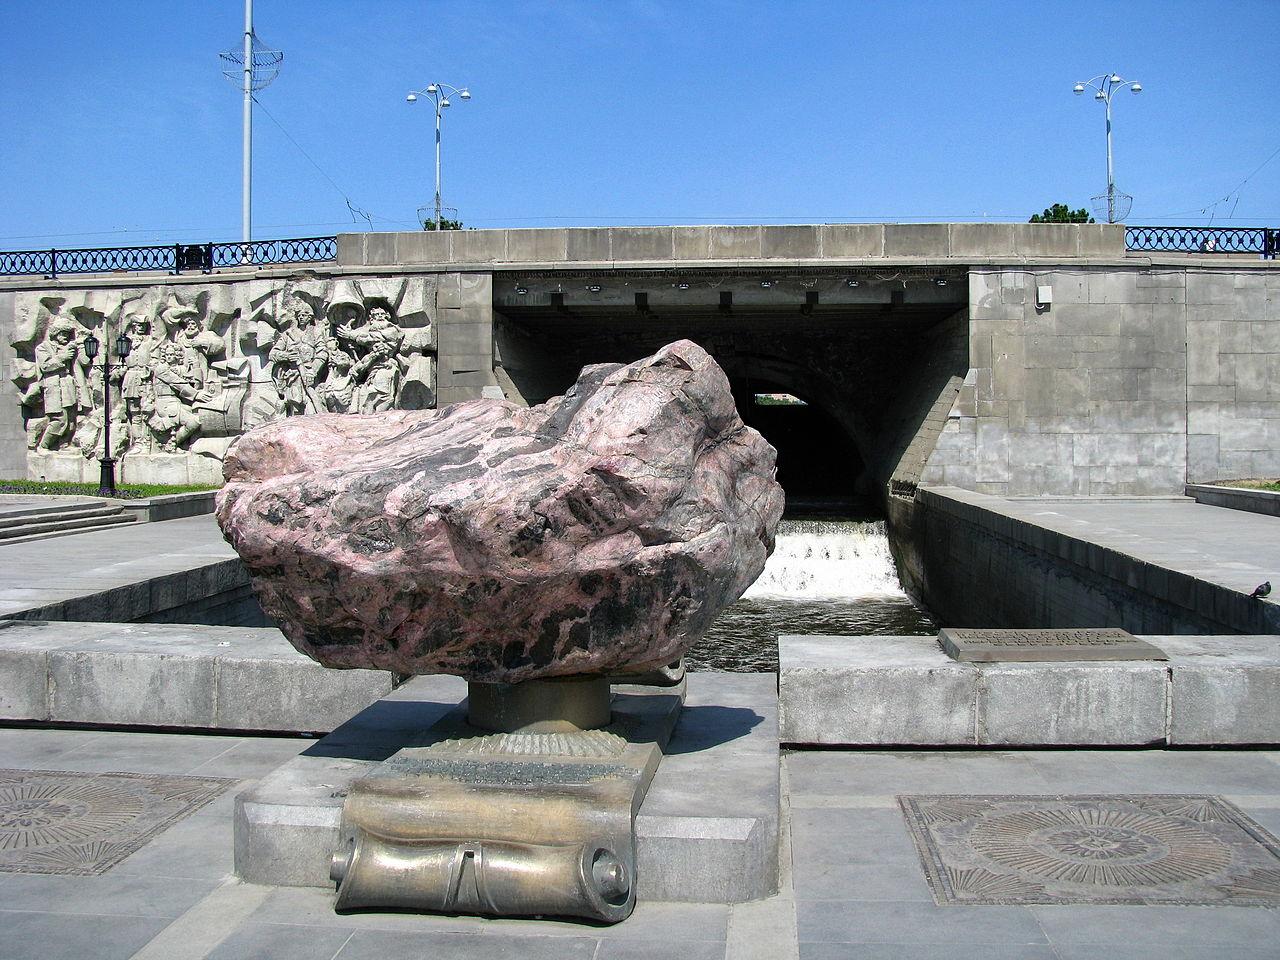 Плотина городского пруда в Екатеринбурге - исторический центр города